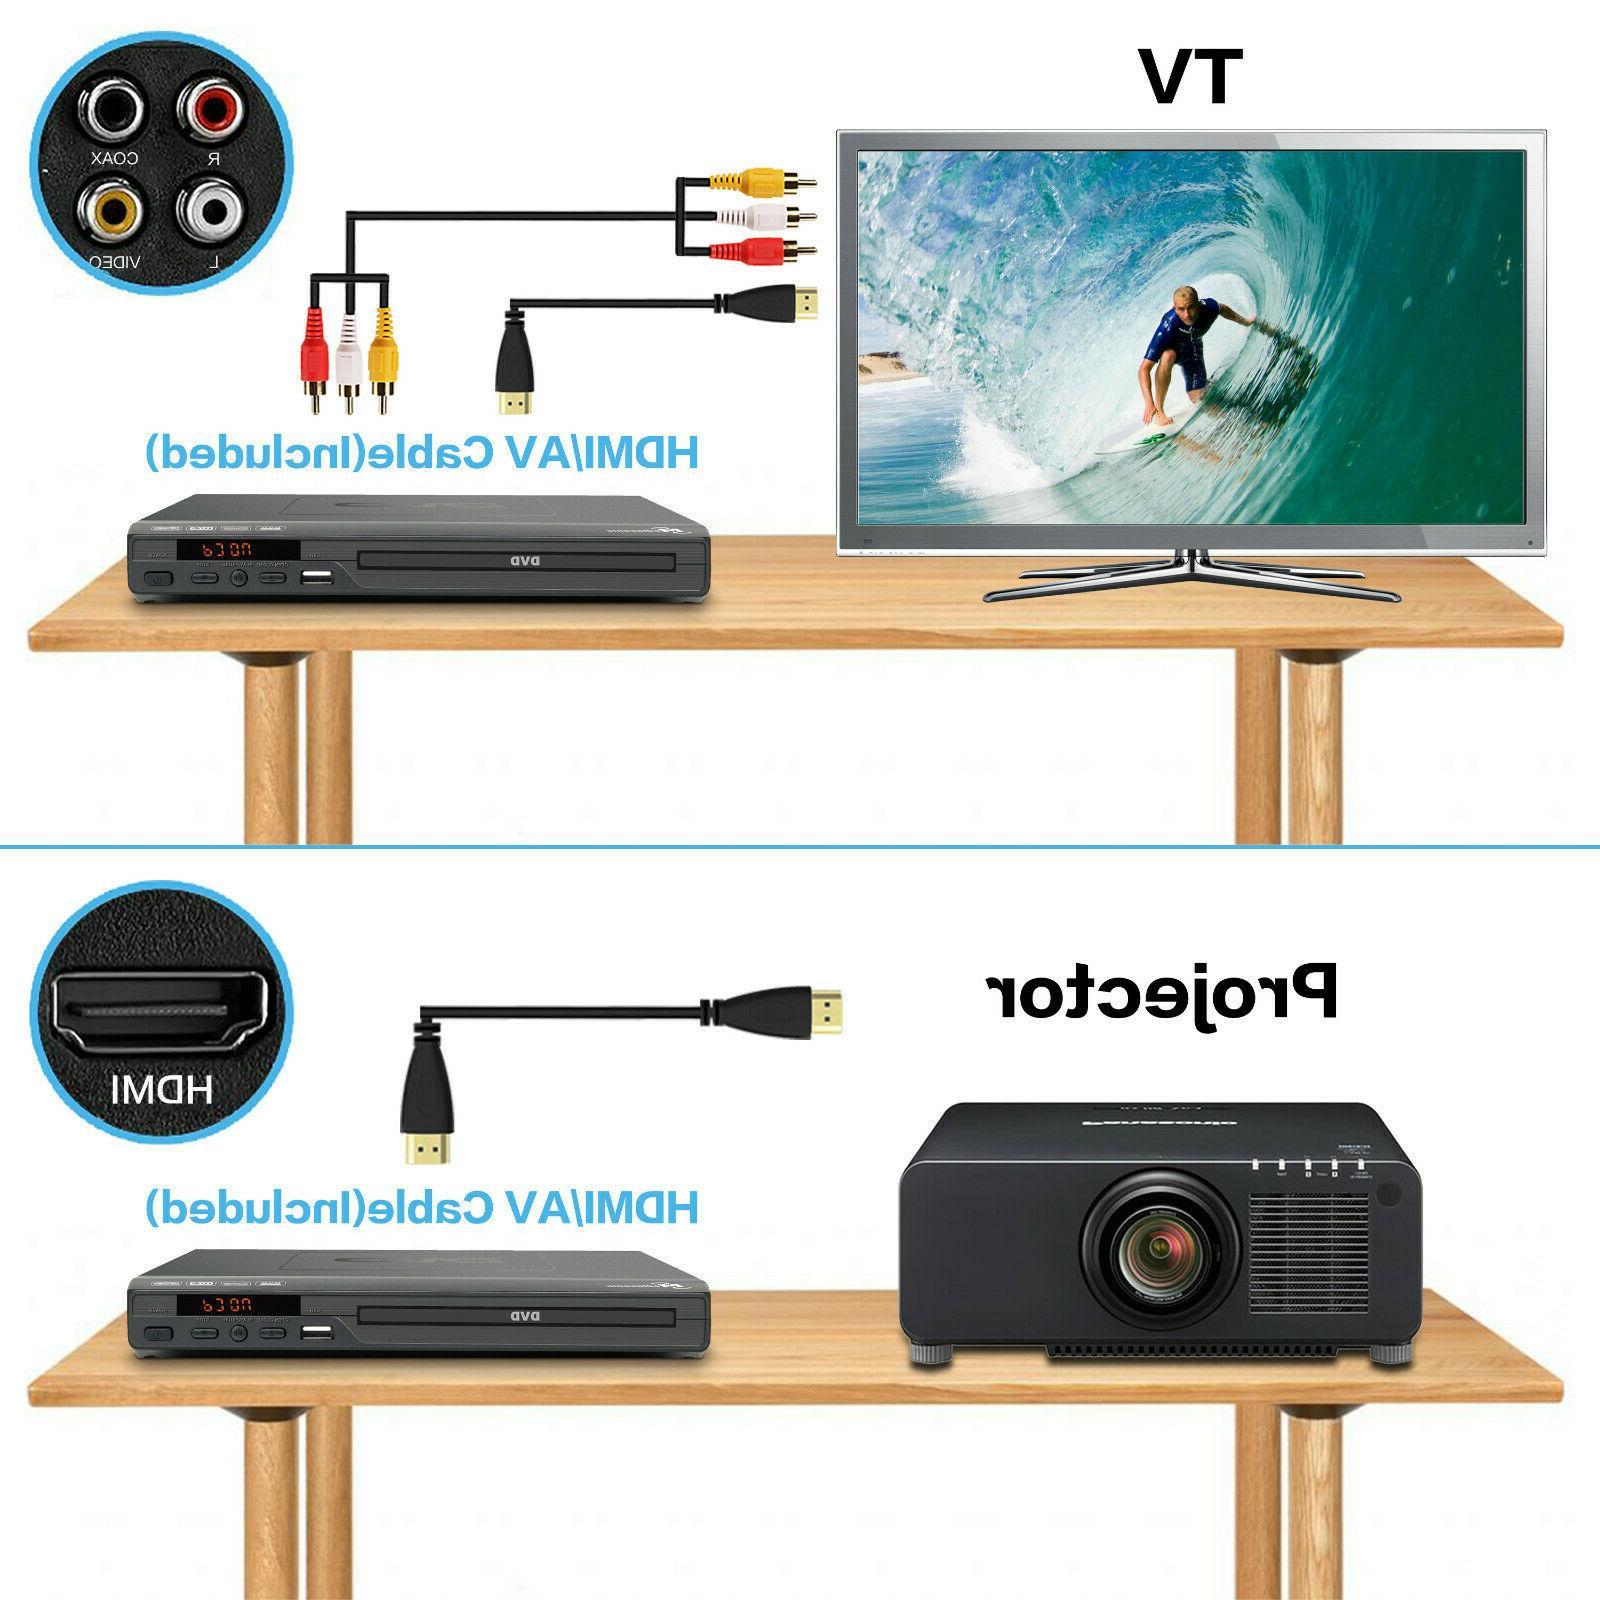 Mediasonic DVD Player - 1080P Upscaling, DVD w/ AV output